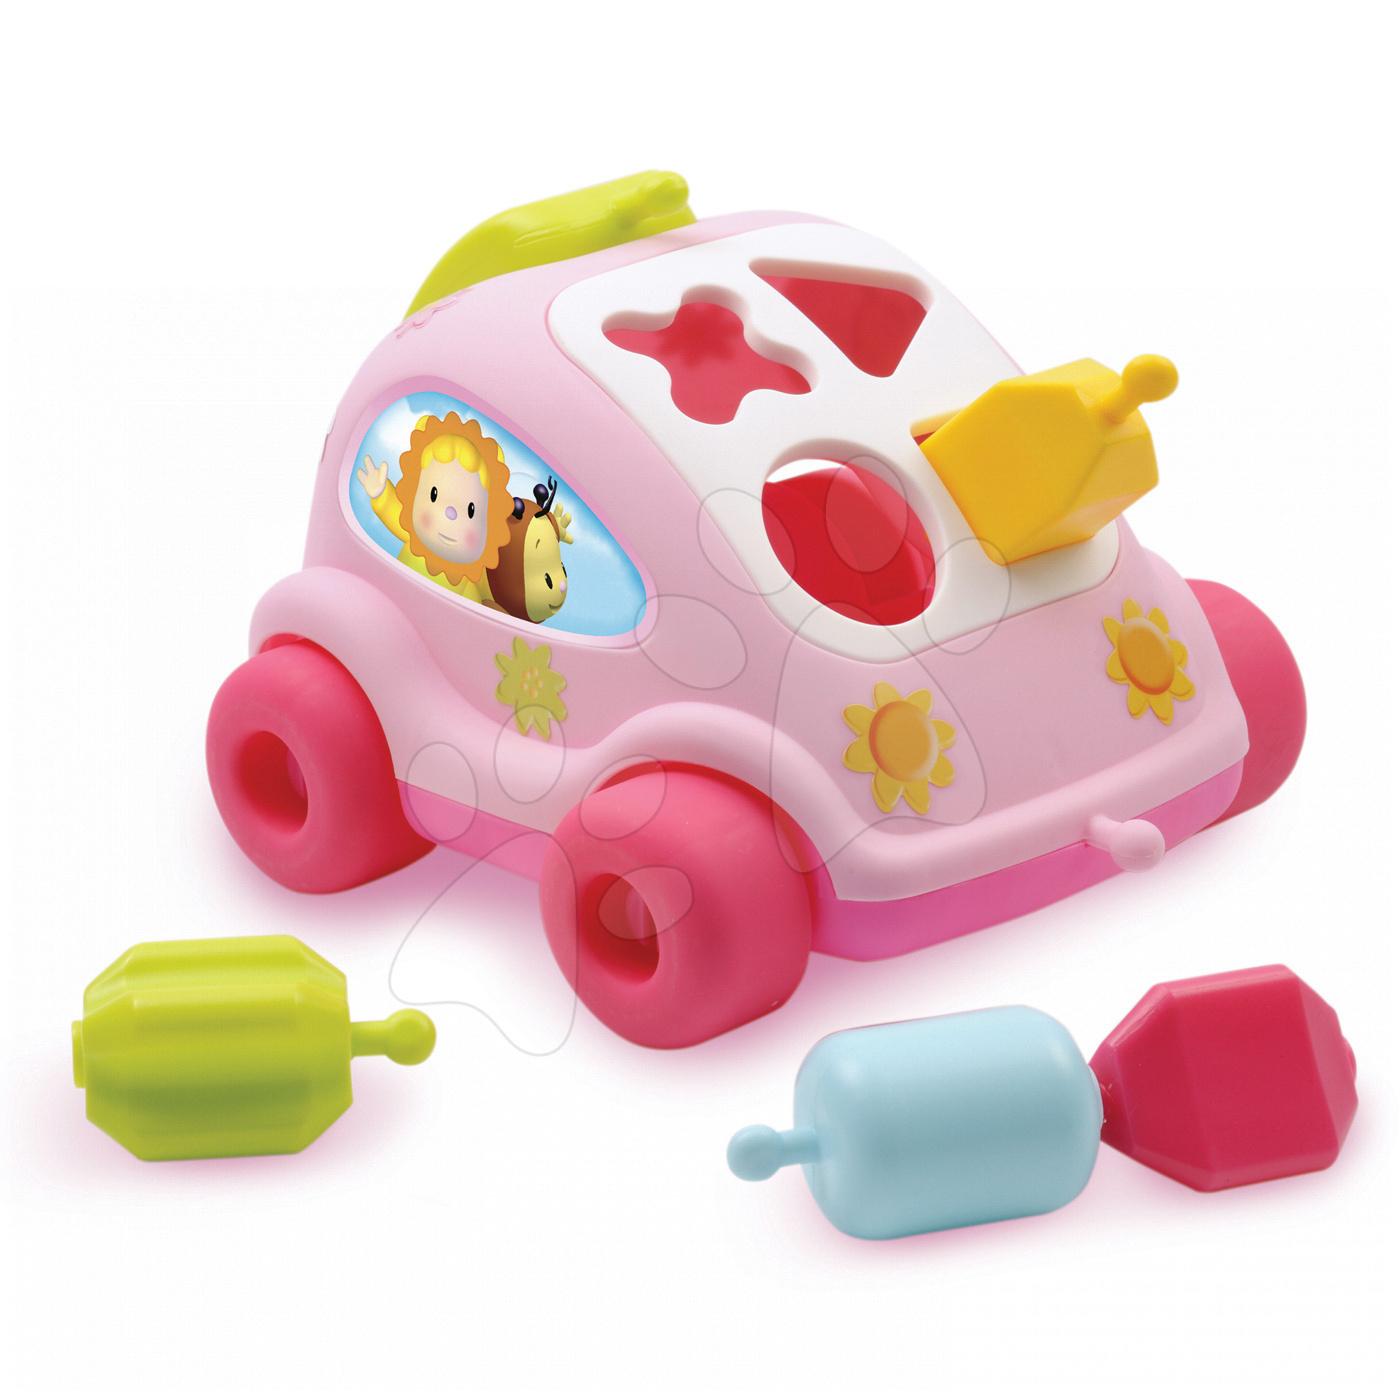 Auto brouček Cotoons Smoby s kostkami růžové od 12 měsíců